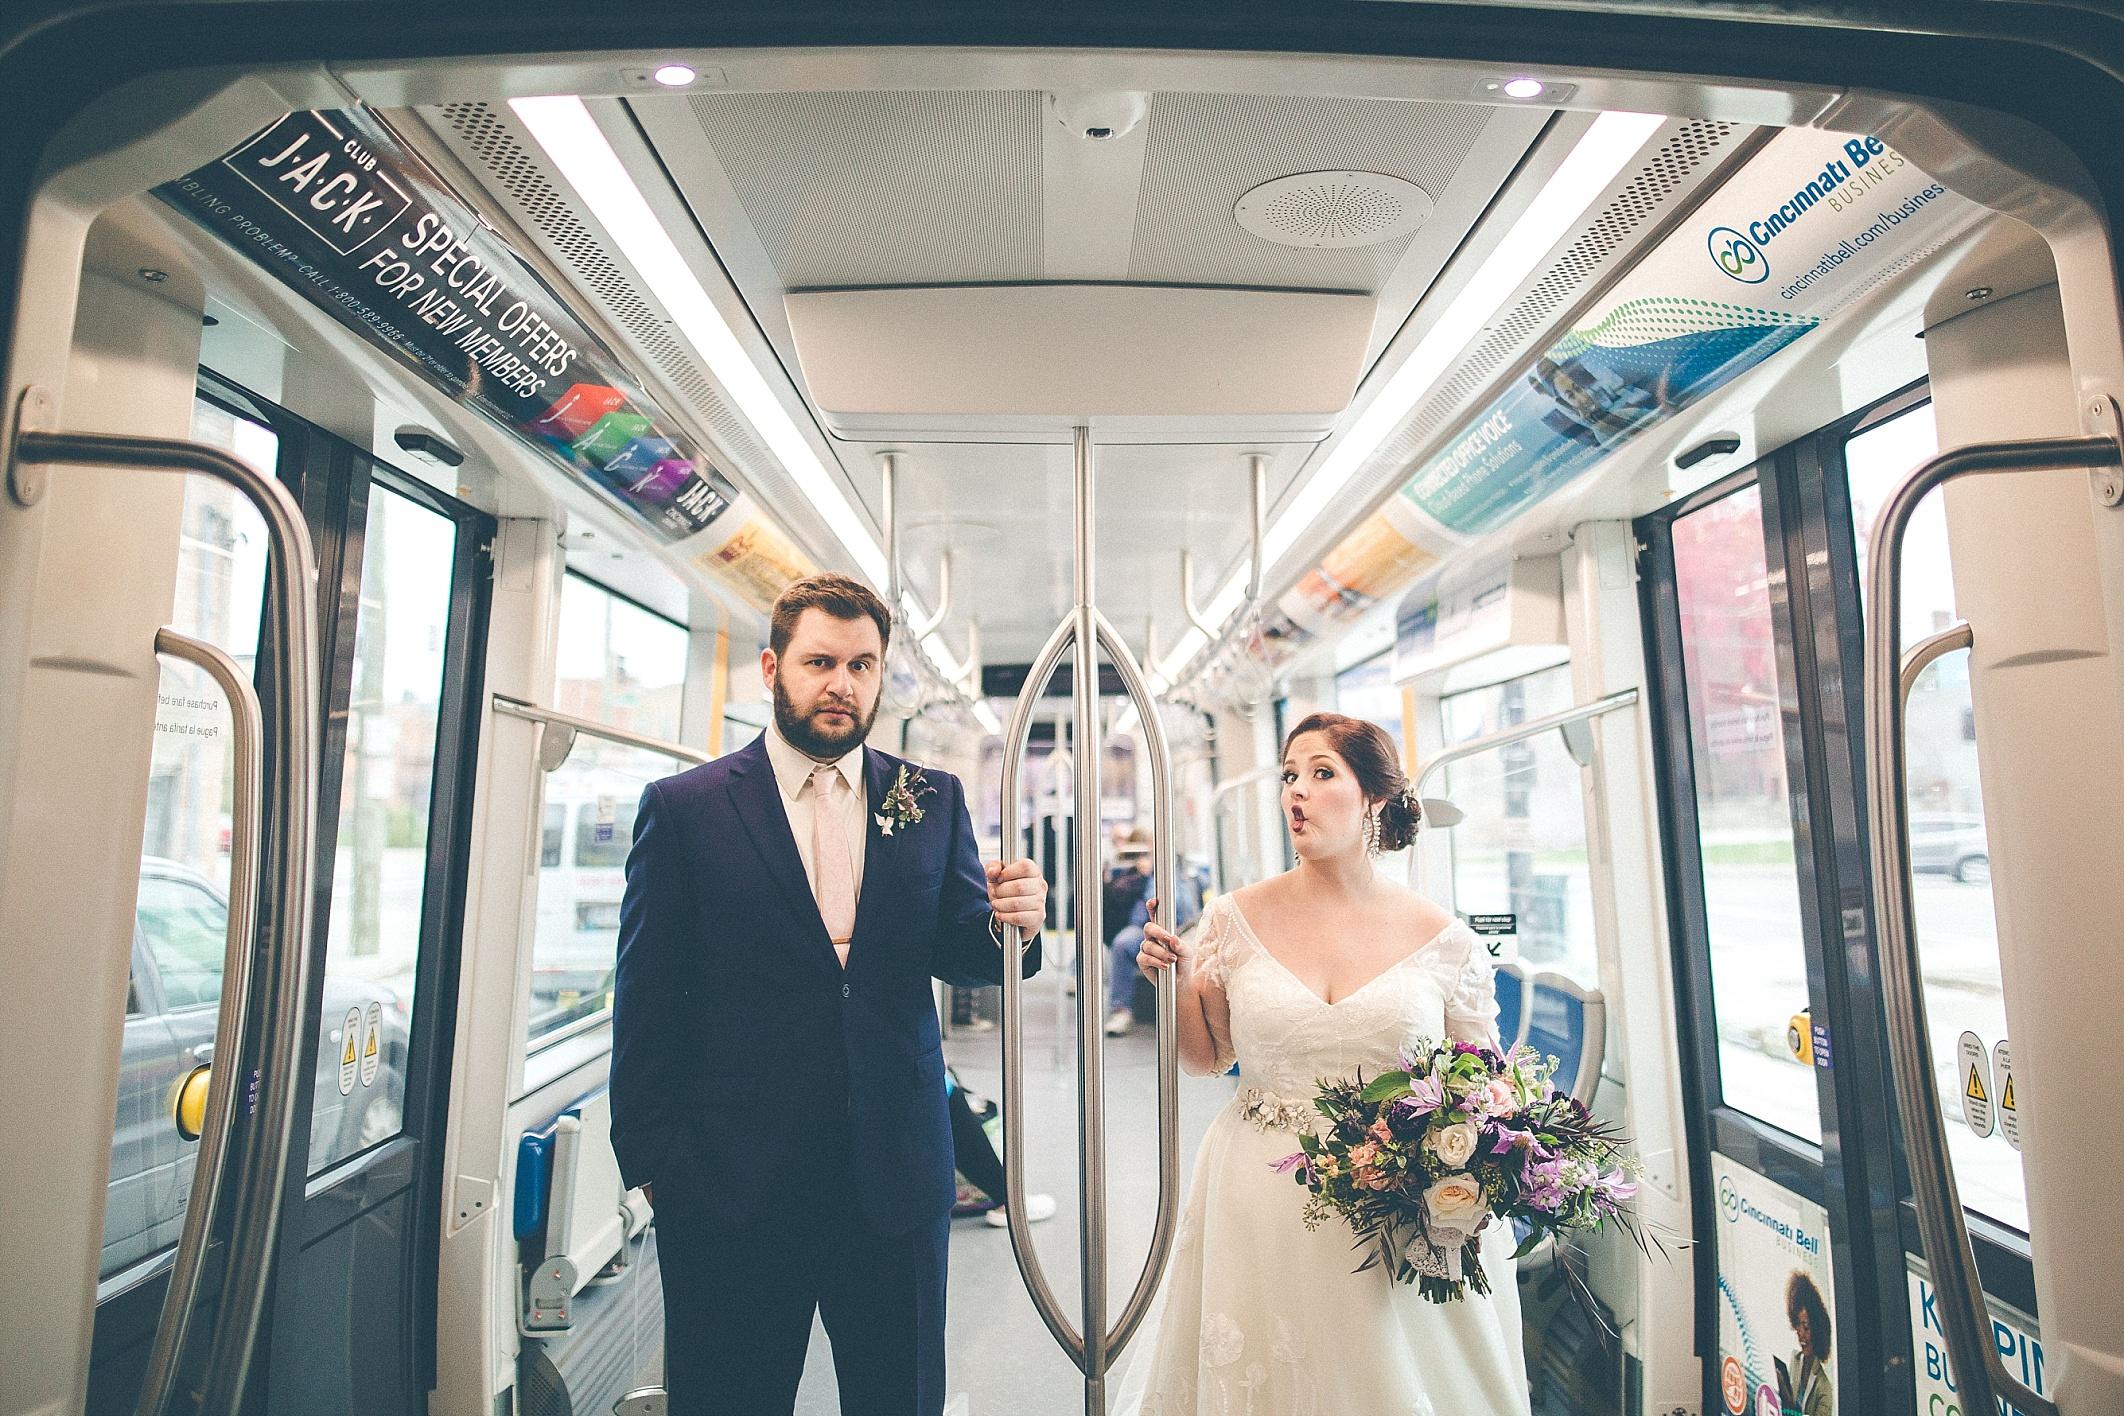 hilary-aaron-cincinnati-trancept-wedding-photographer-dayton-ohio_0016.jpg